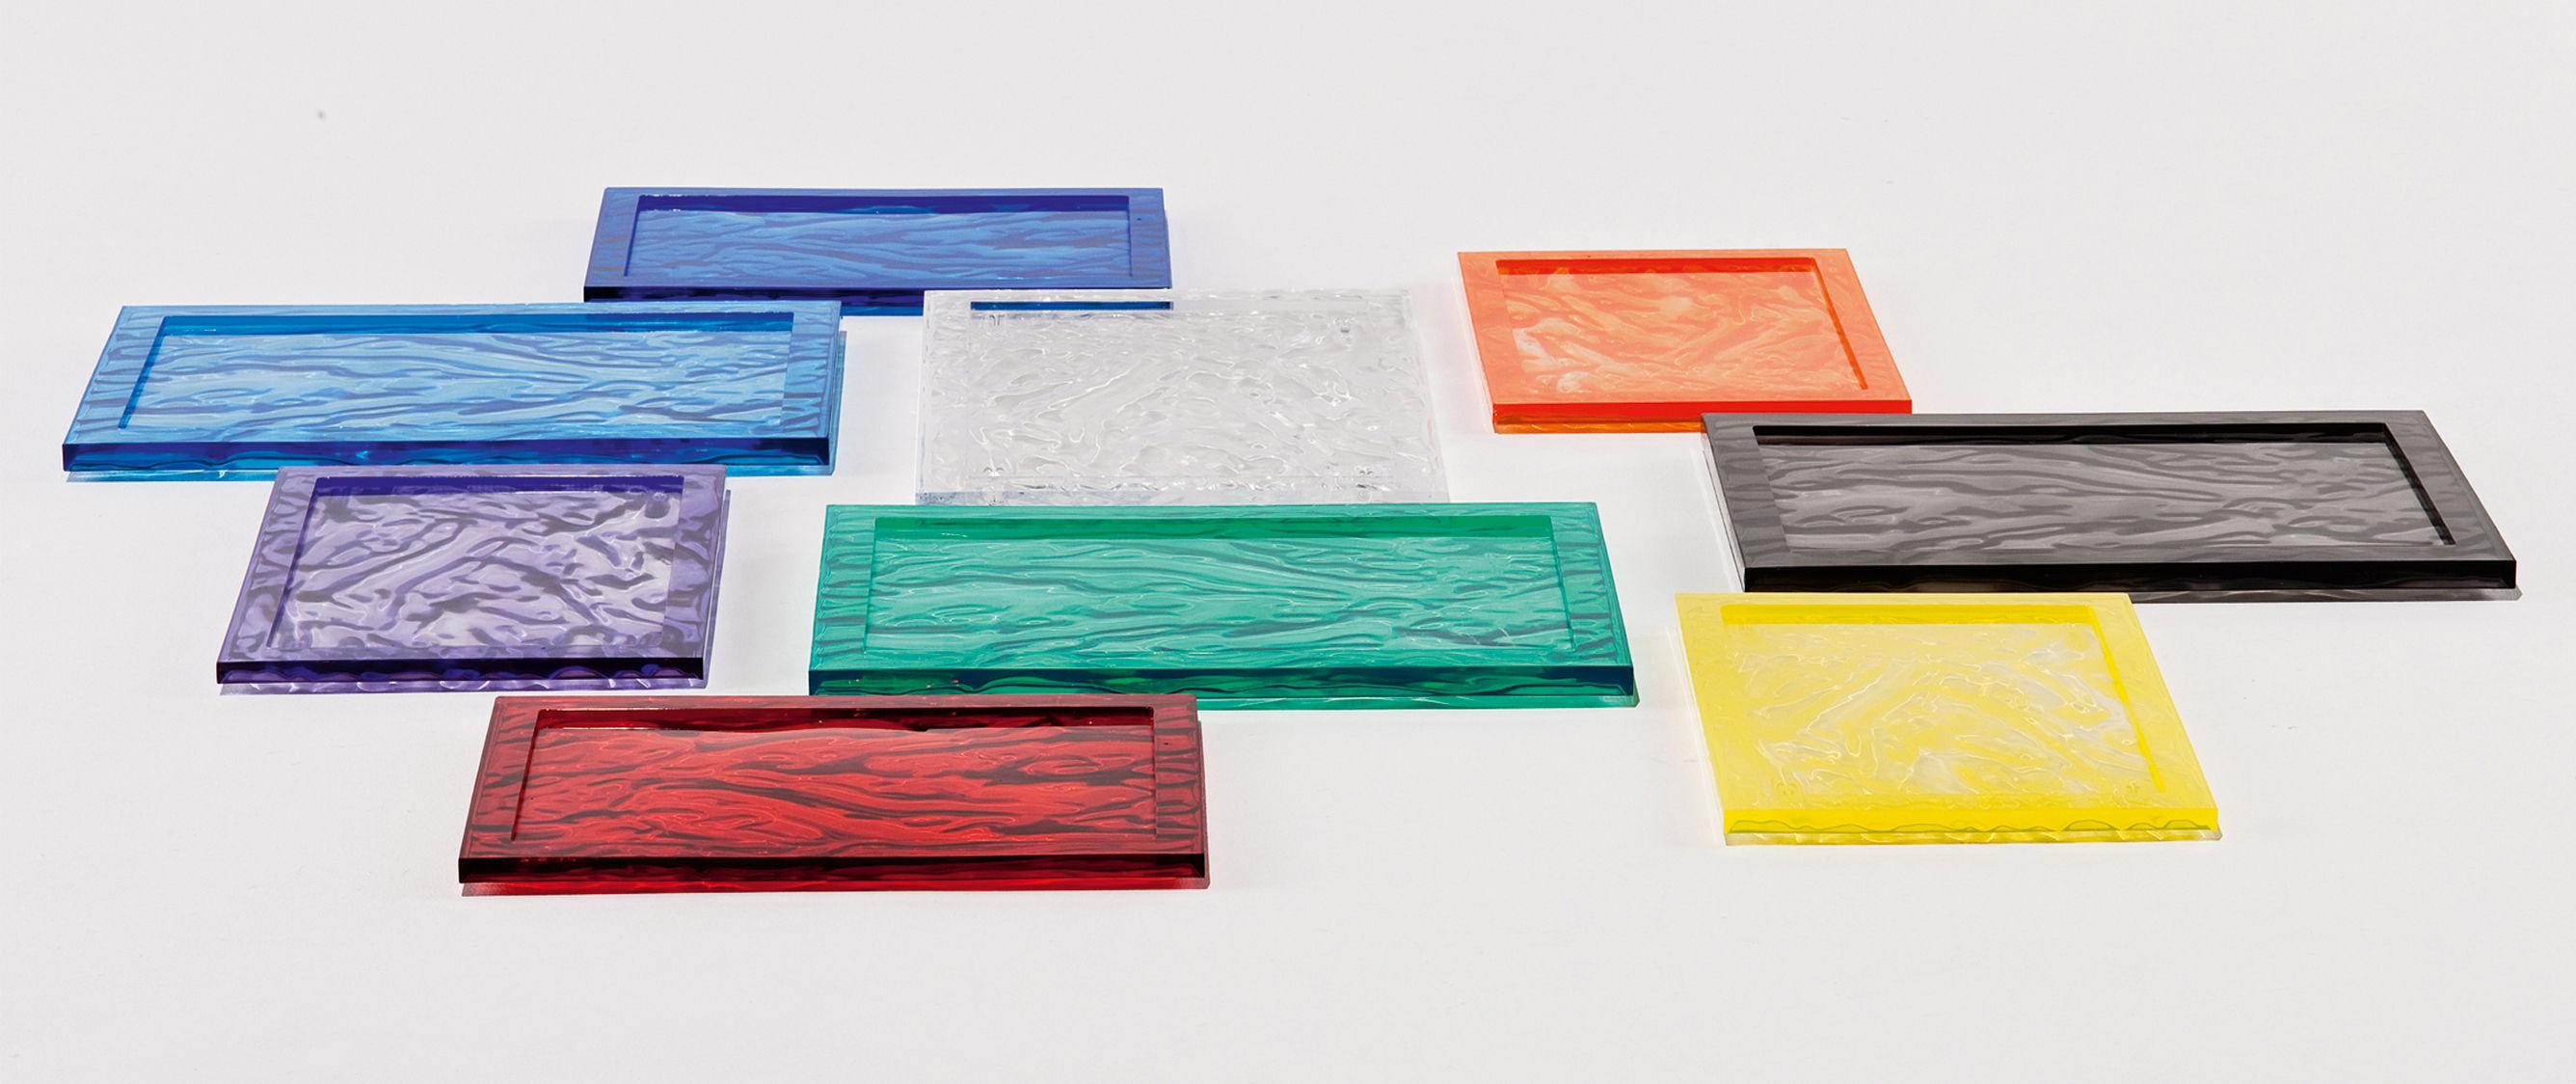 kartell dune tray kartell dune tray shop online at kartellcom  - dune tray x cm orange by kartell